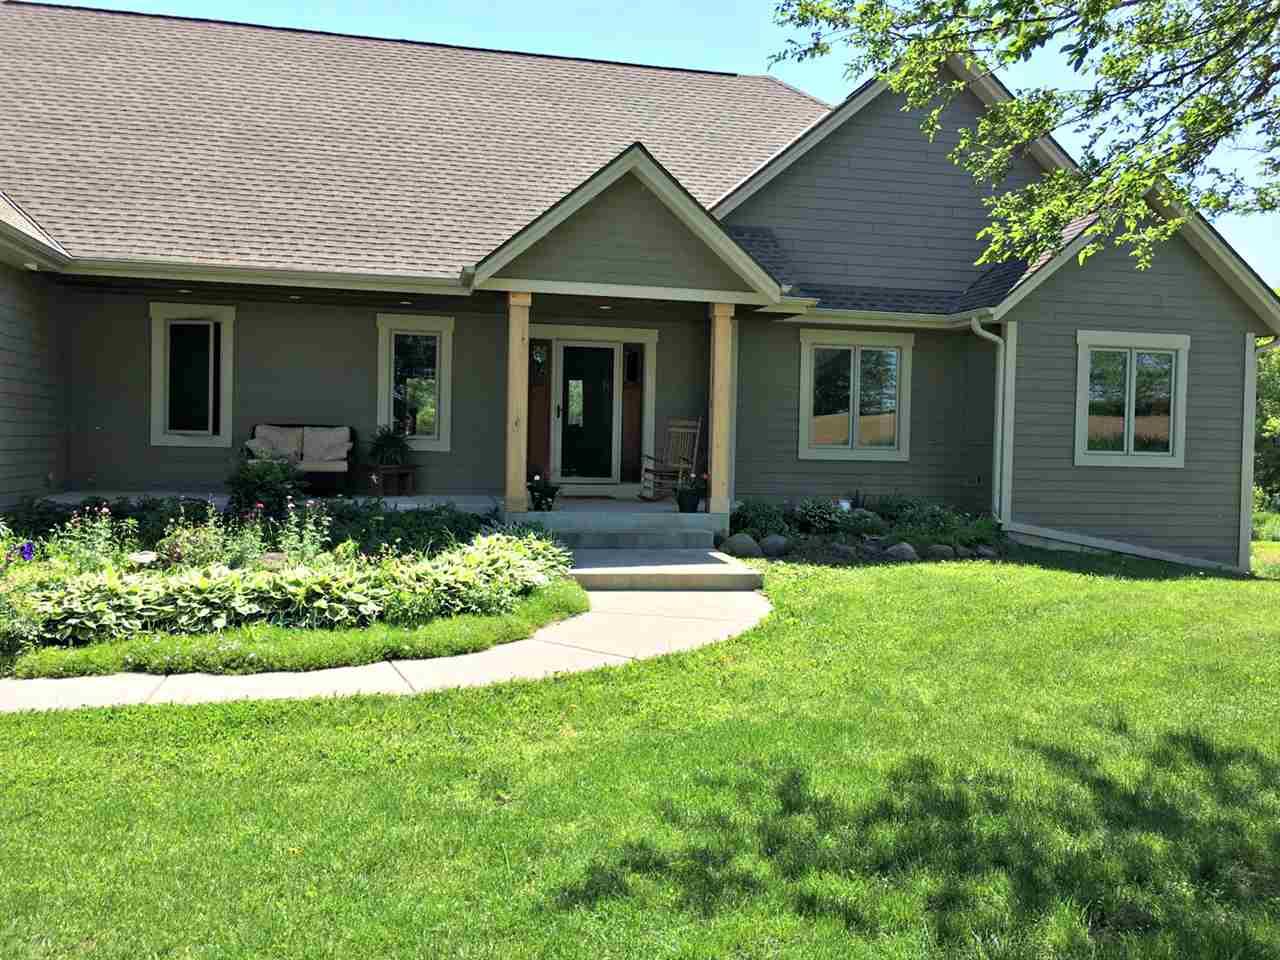 N6395 County Road E, Concord, WI 53066